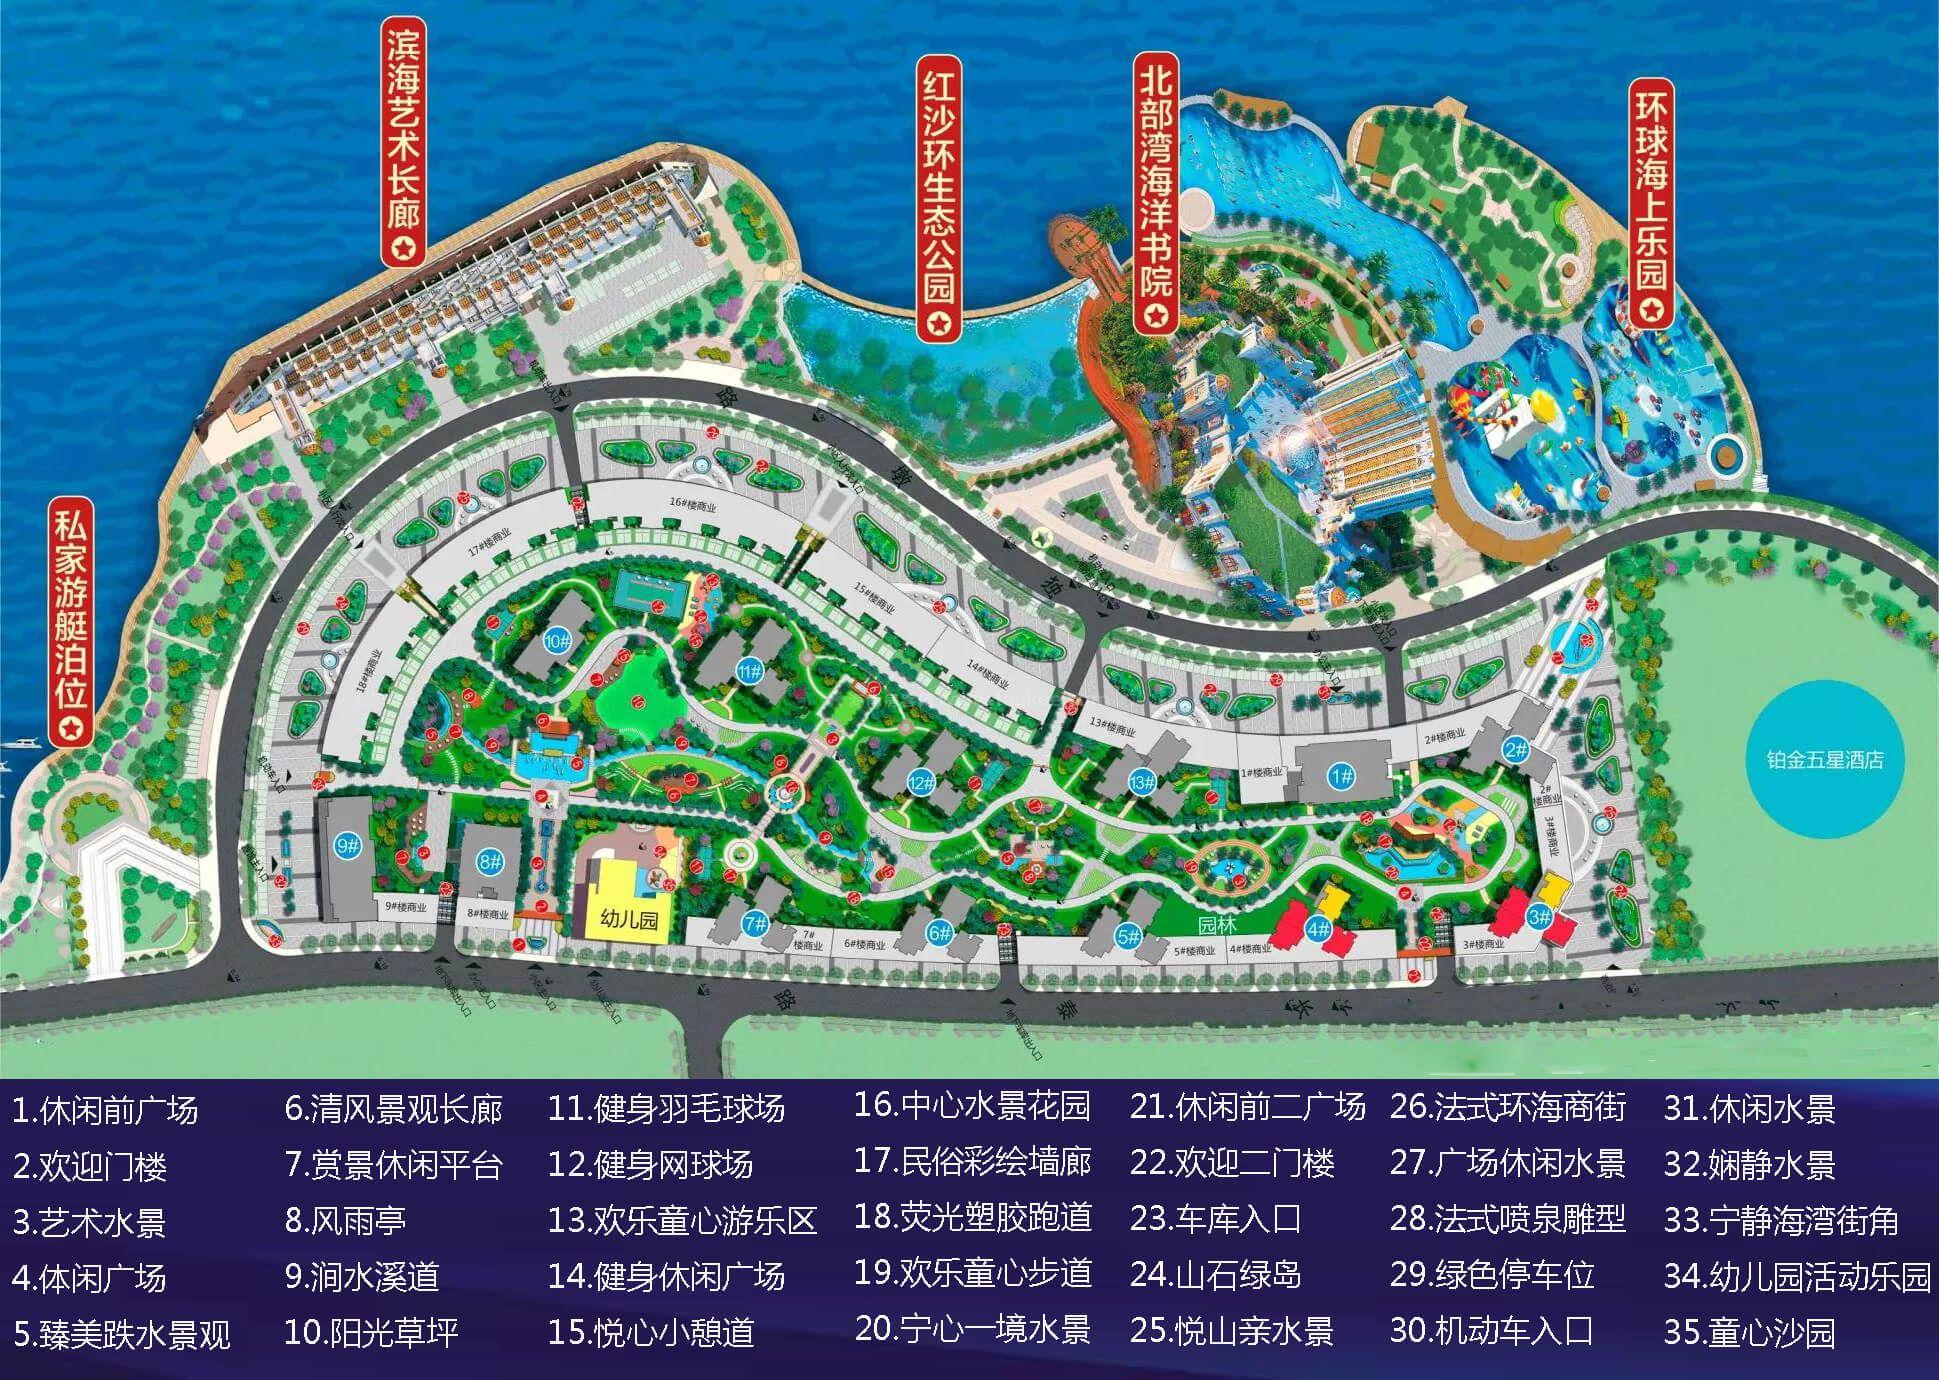 海都文化广场总平面图